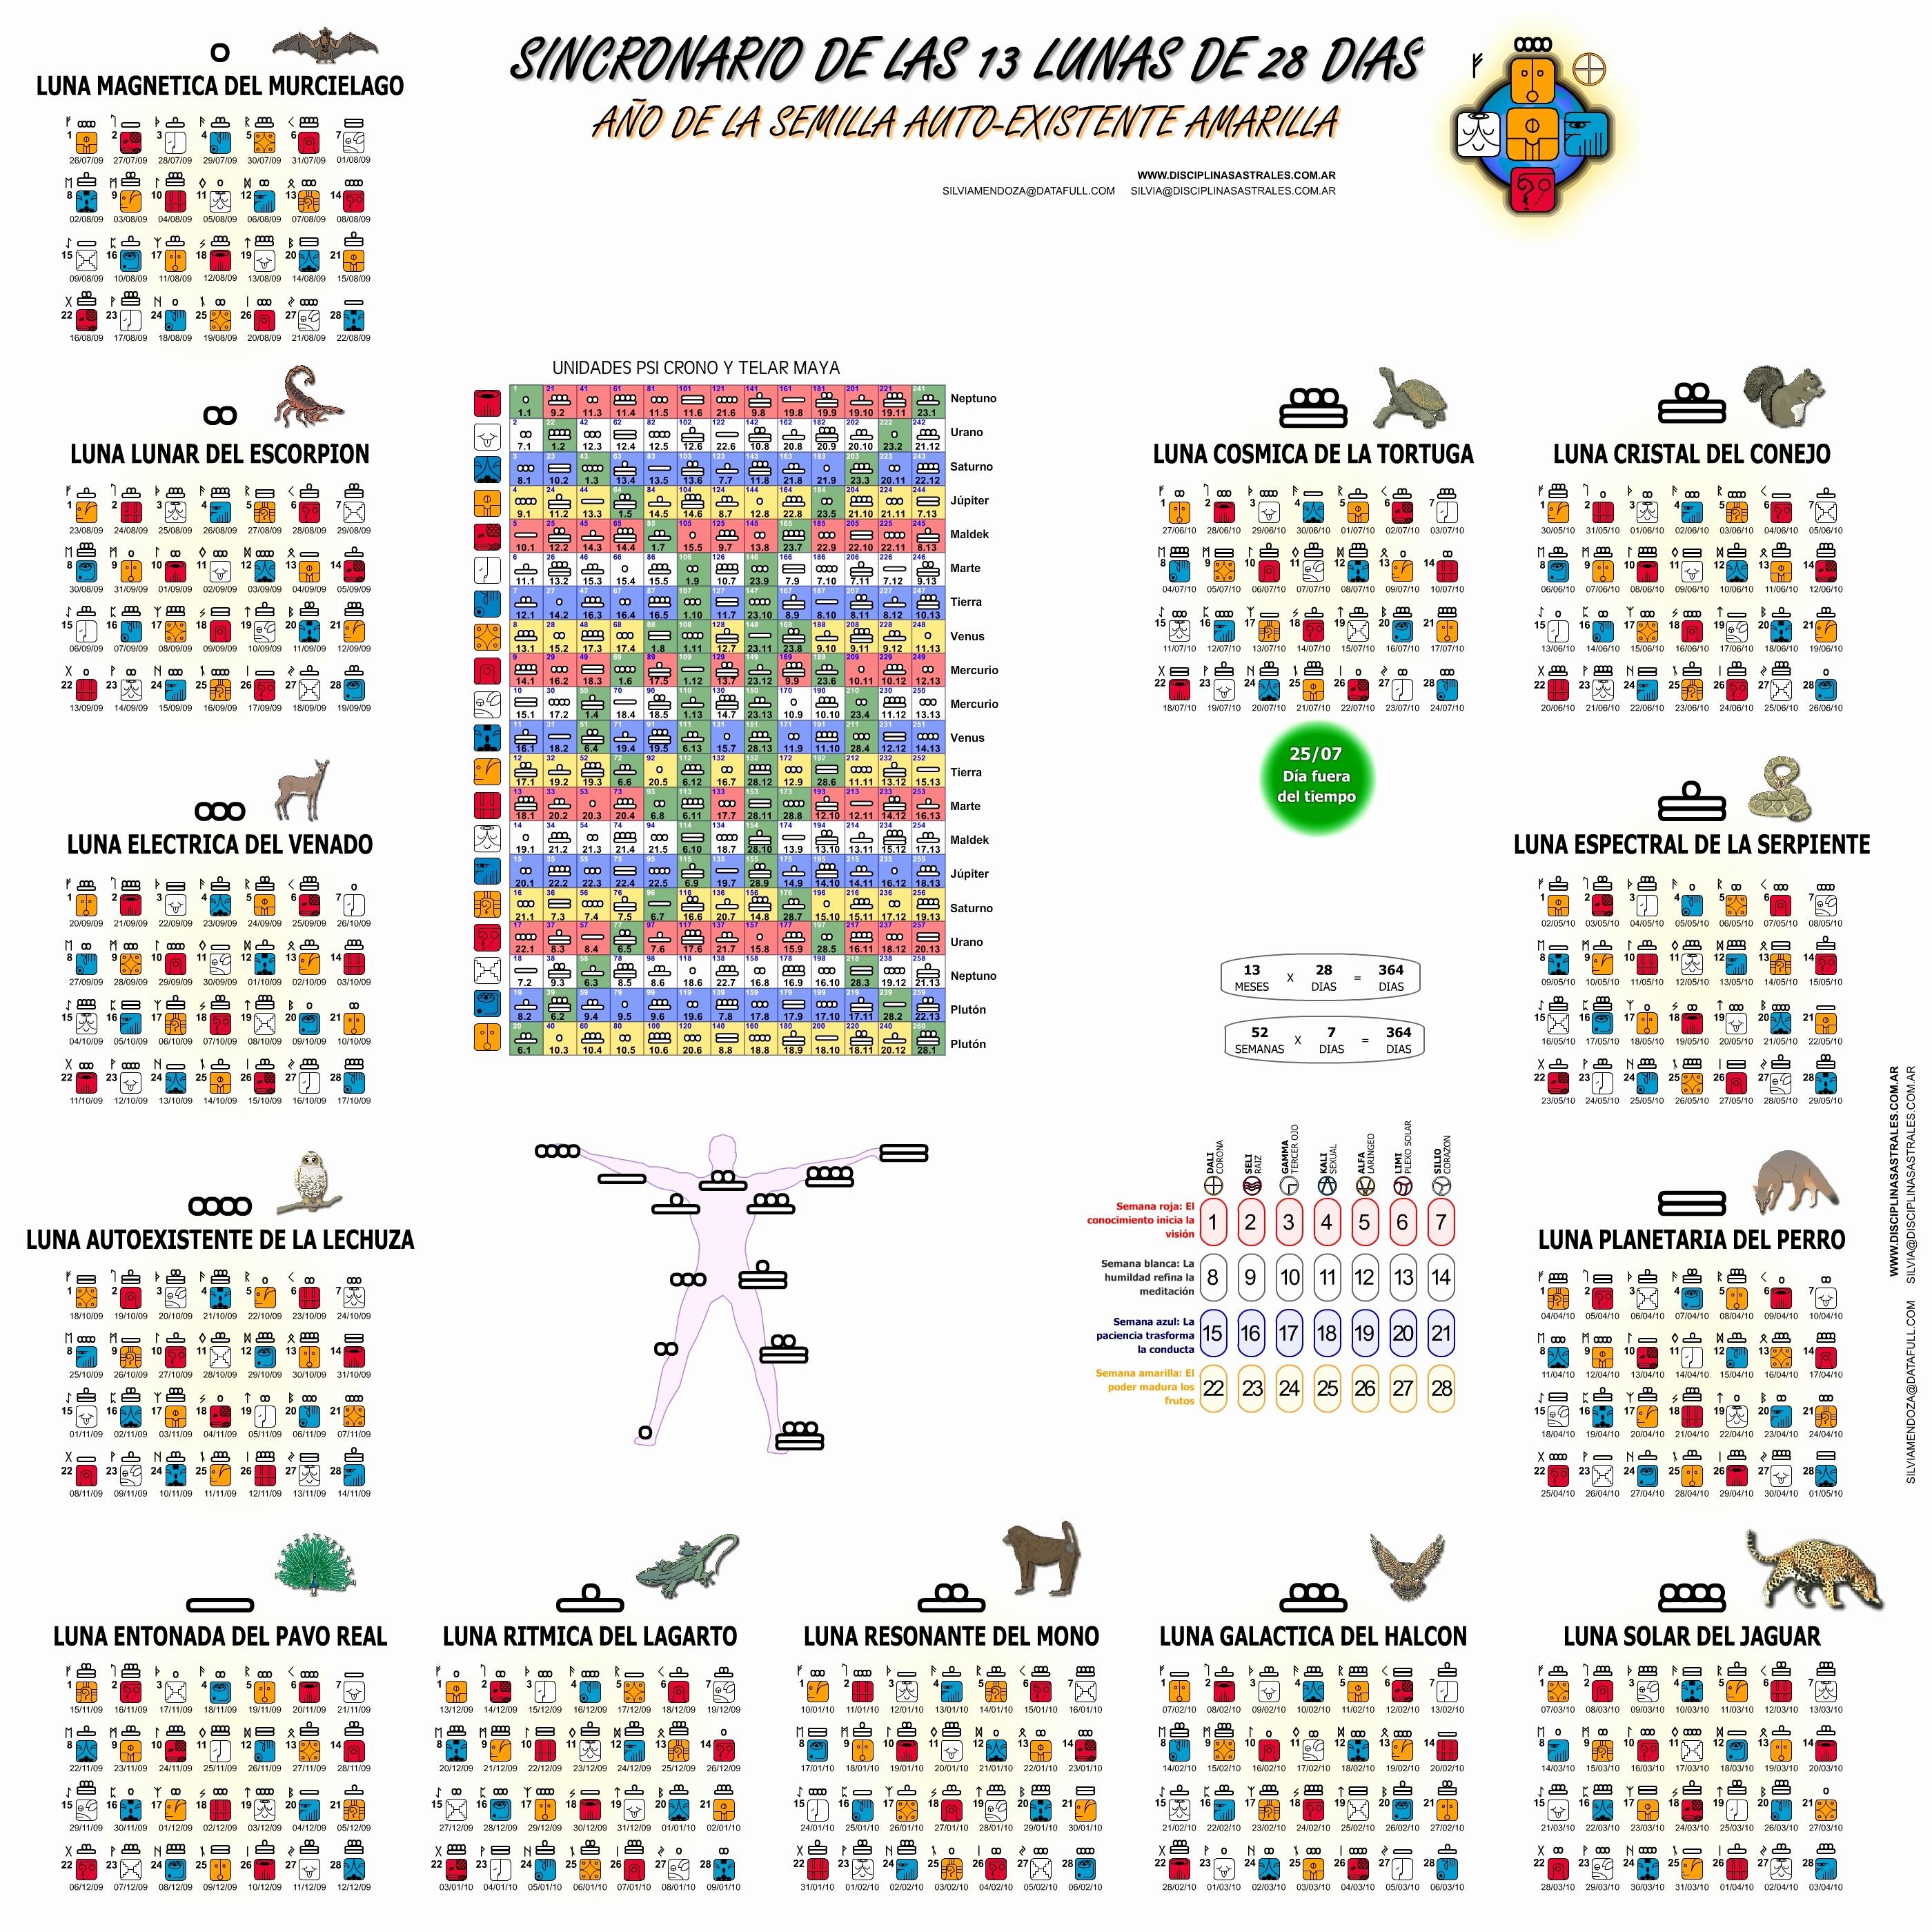 Calendario 2019 Con Feriados En Venezuela Más Arriba-a-fecha Calendario De Las 13 Lunas 2019 Calendario 2019 Calendarium En